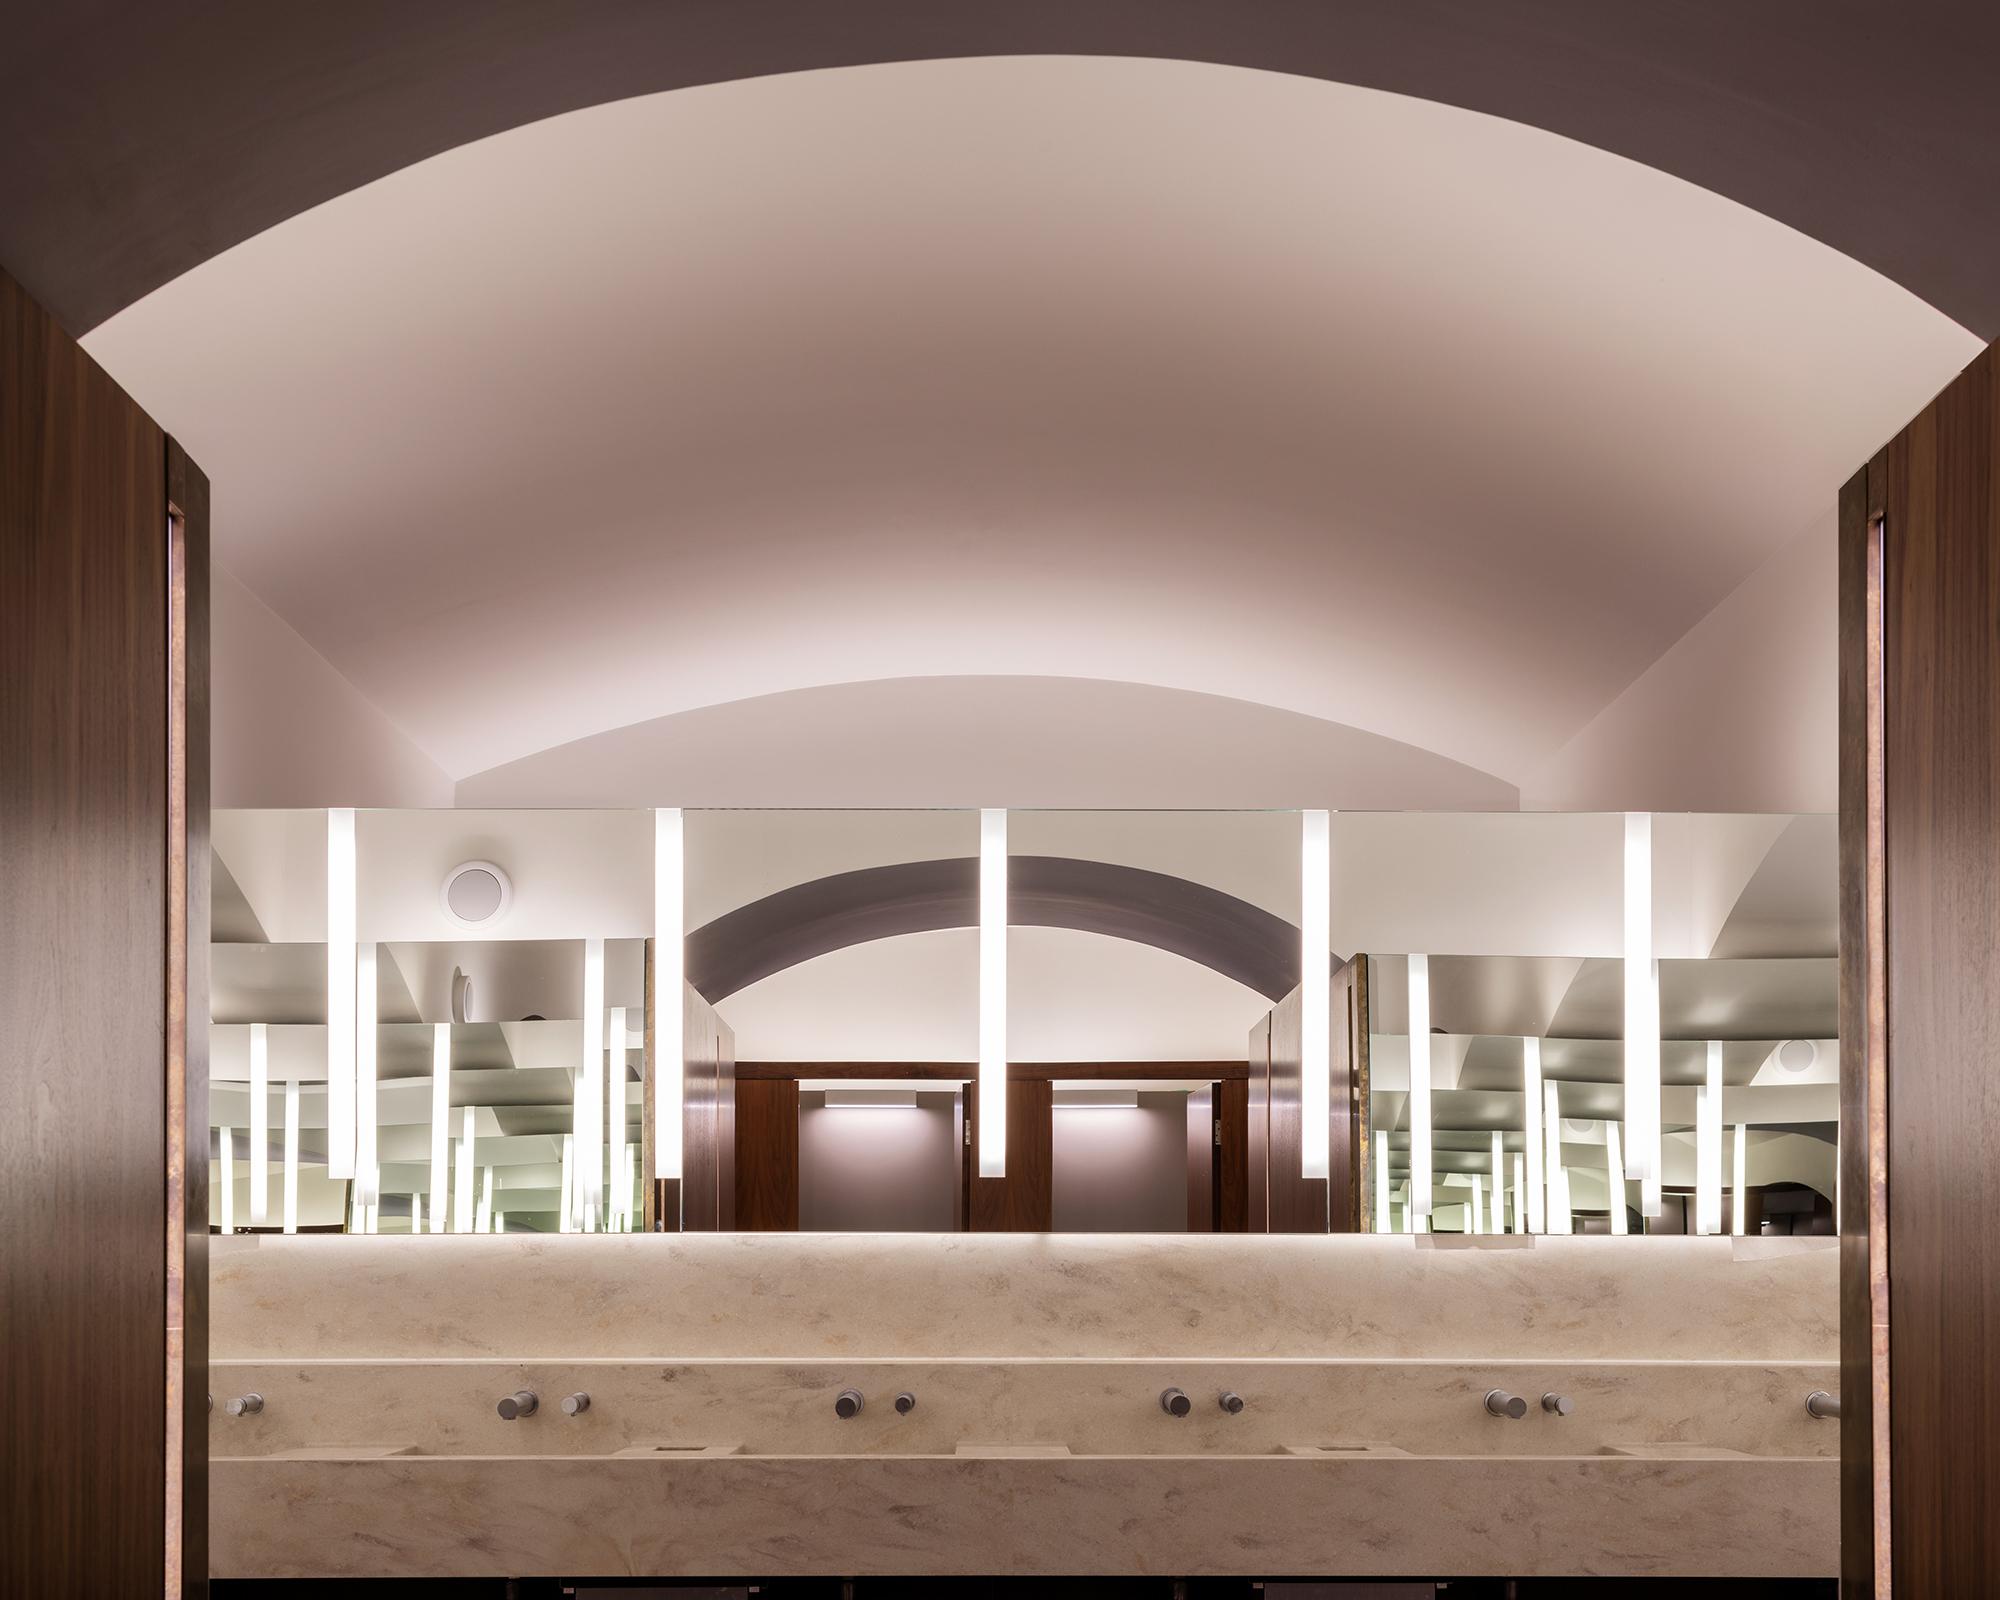 <p>Om de foyer te kunnen  vergroten zijn nieuwe damestoiletten in de kelder gerealiseerd. Beeld James Newton</p>